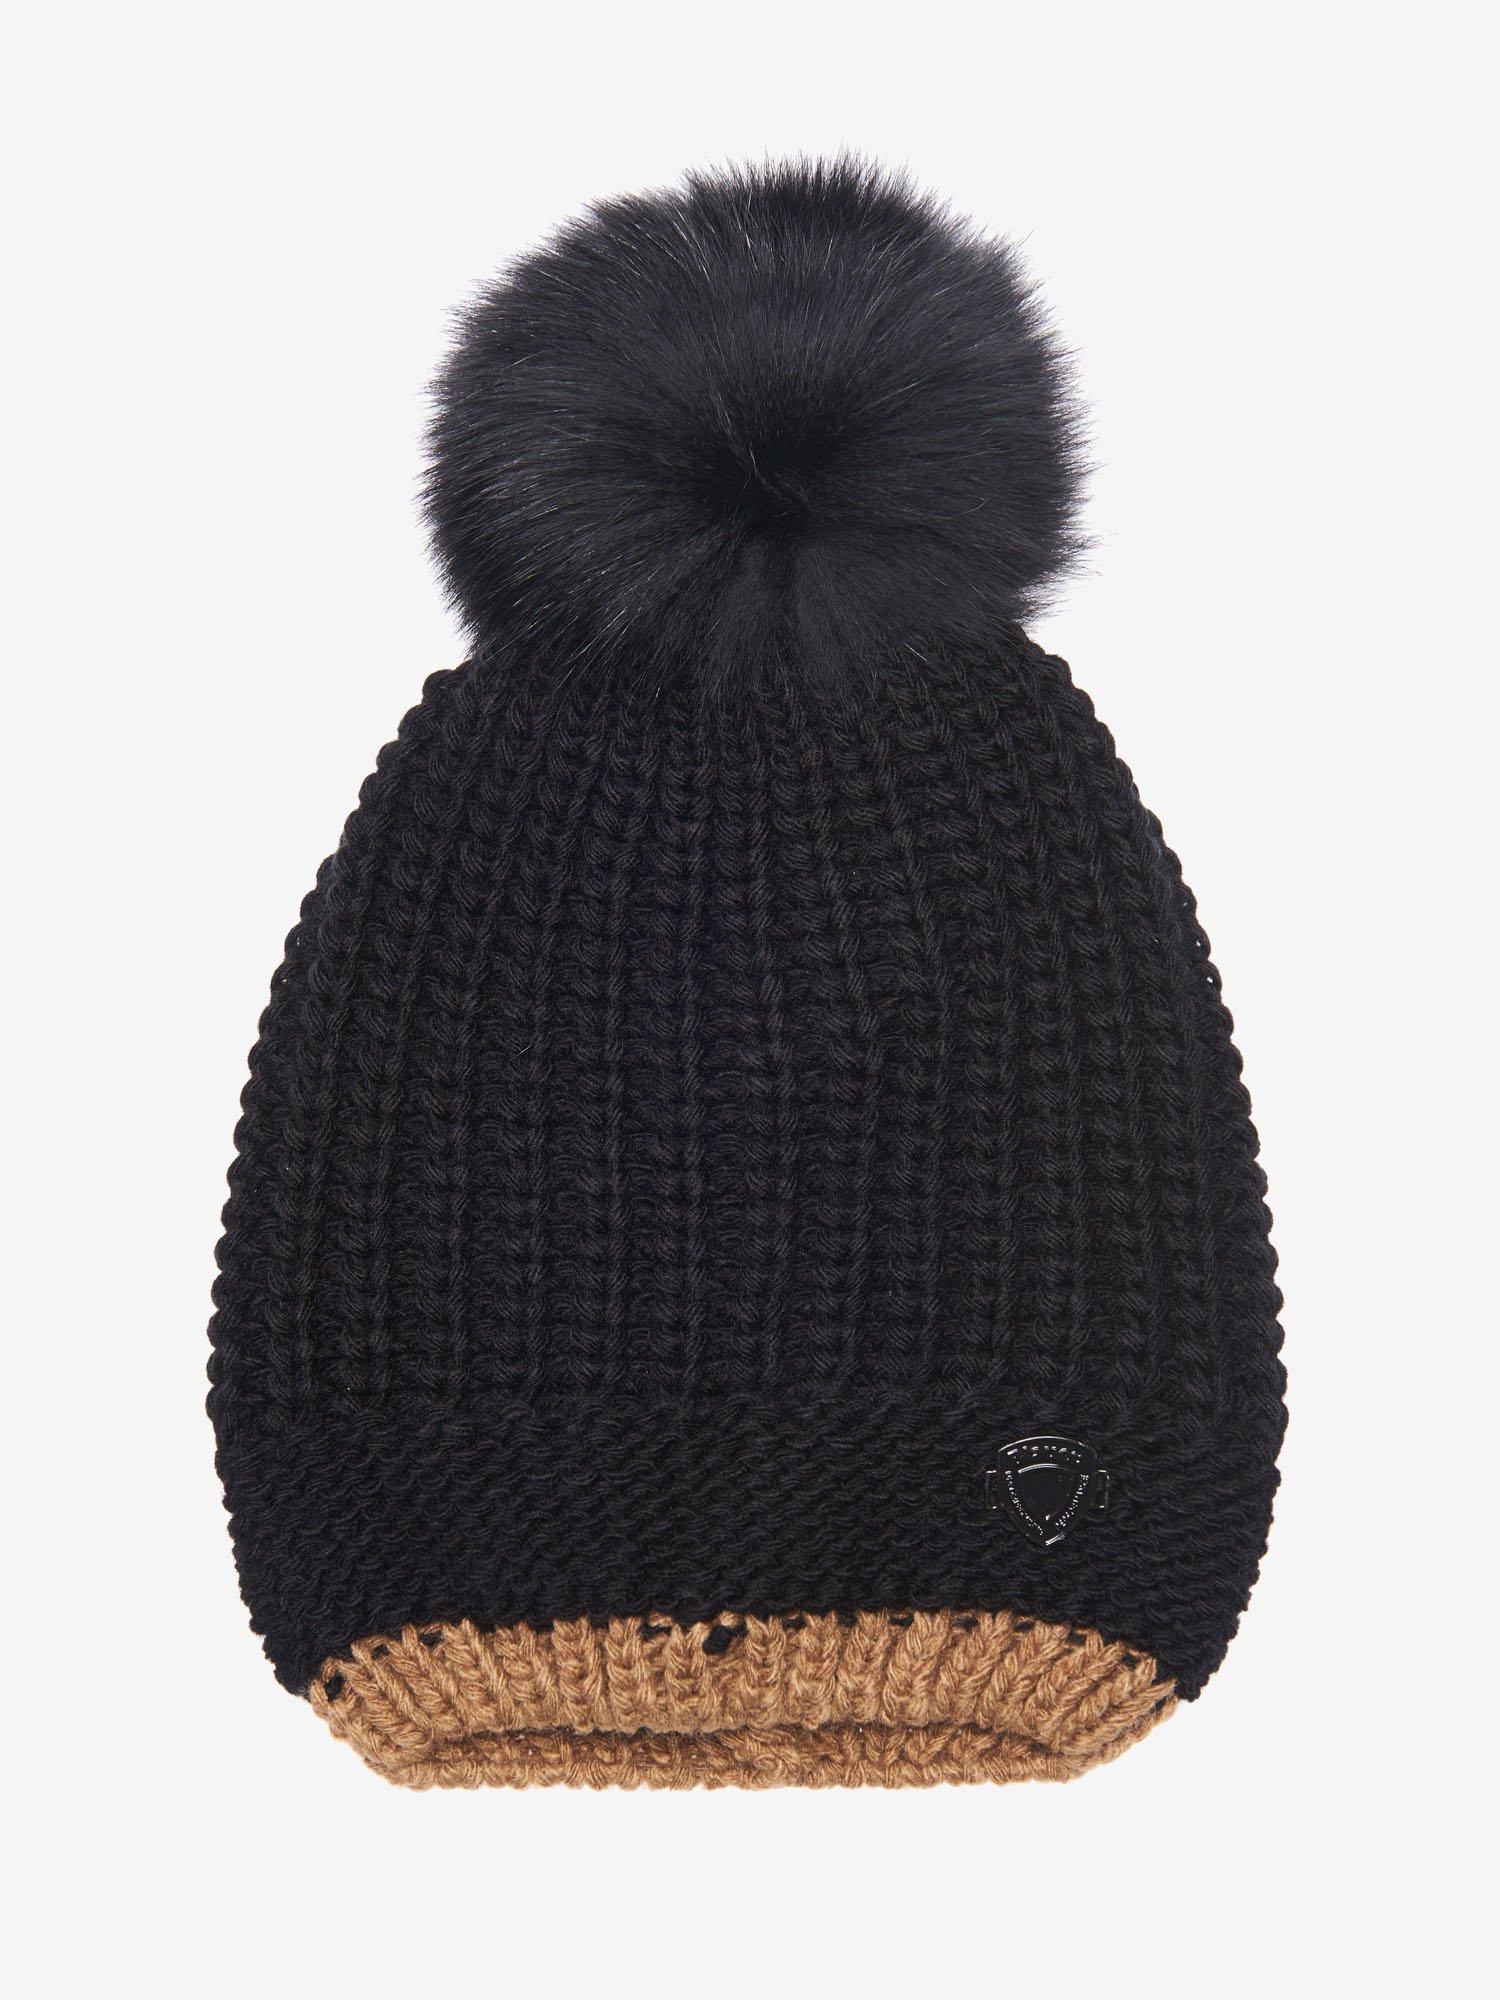 JUNIOR CAP WITH POM POM - Blauer